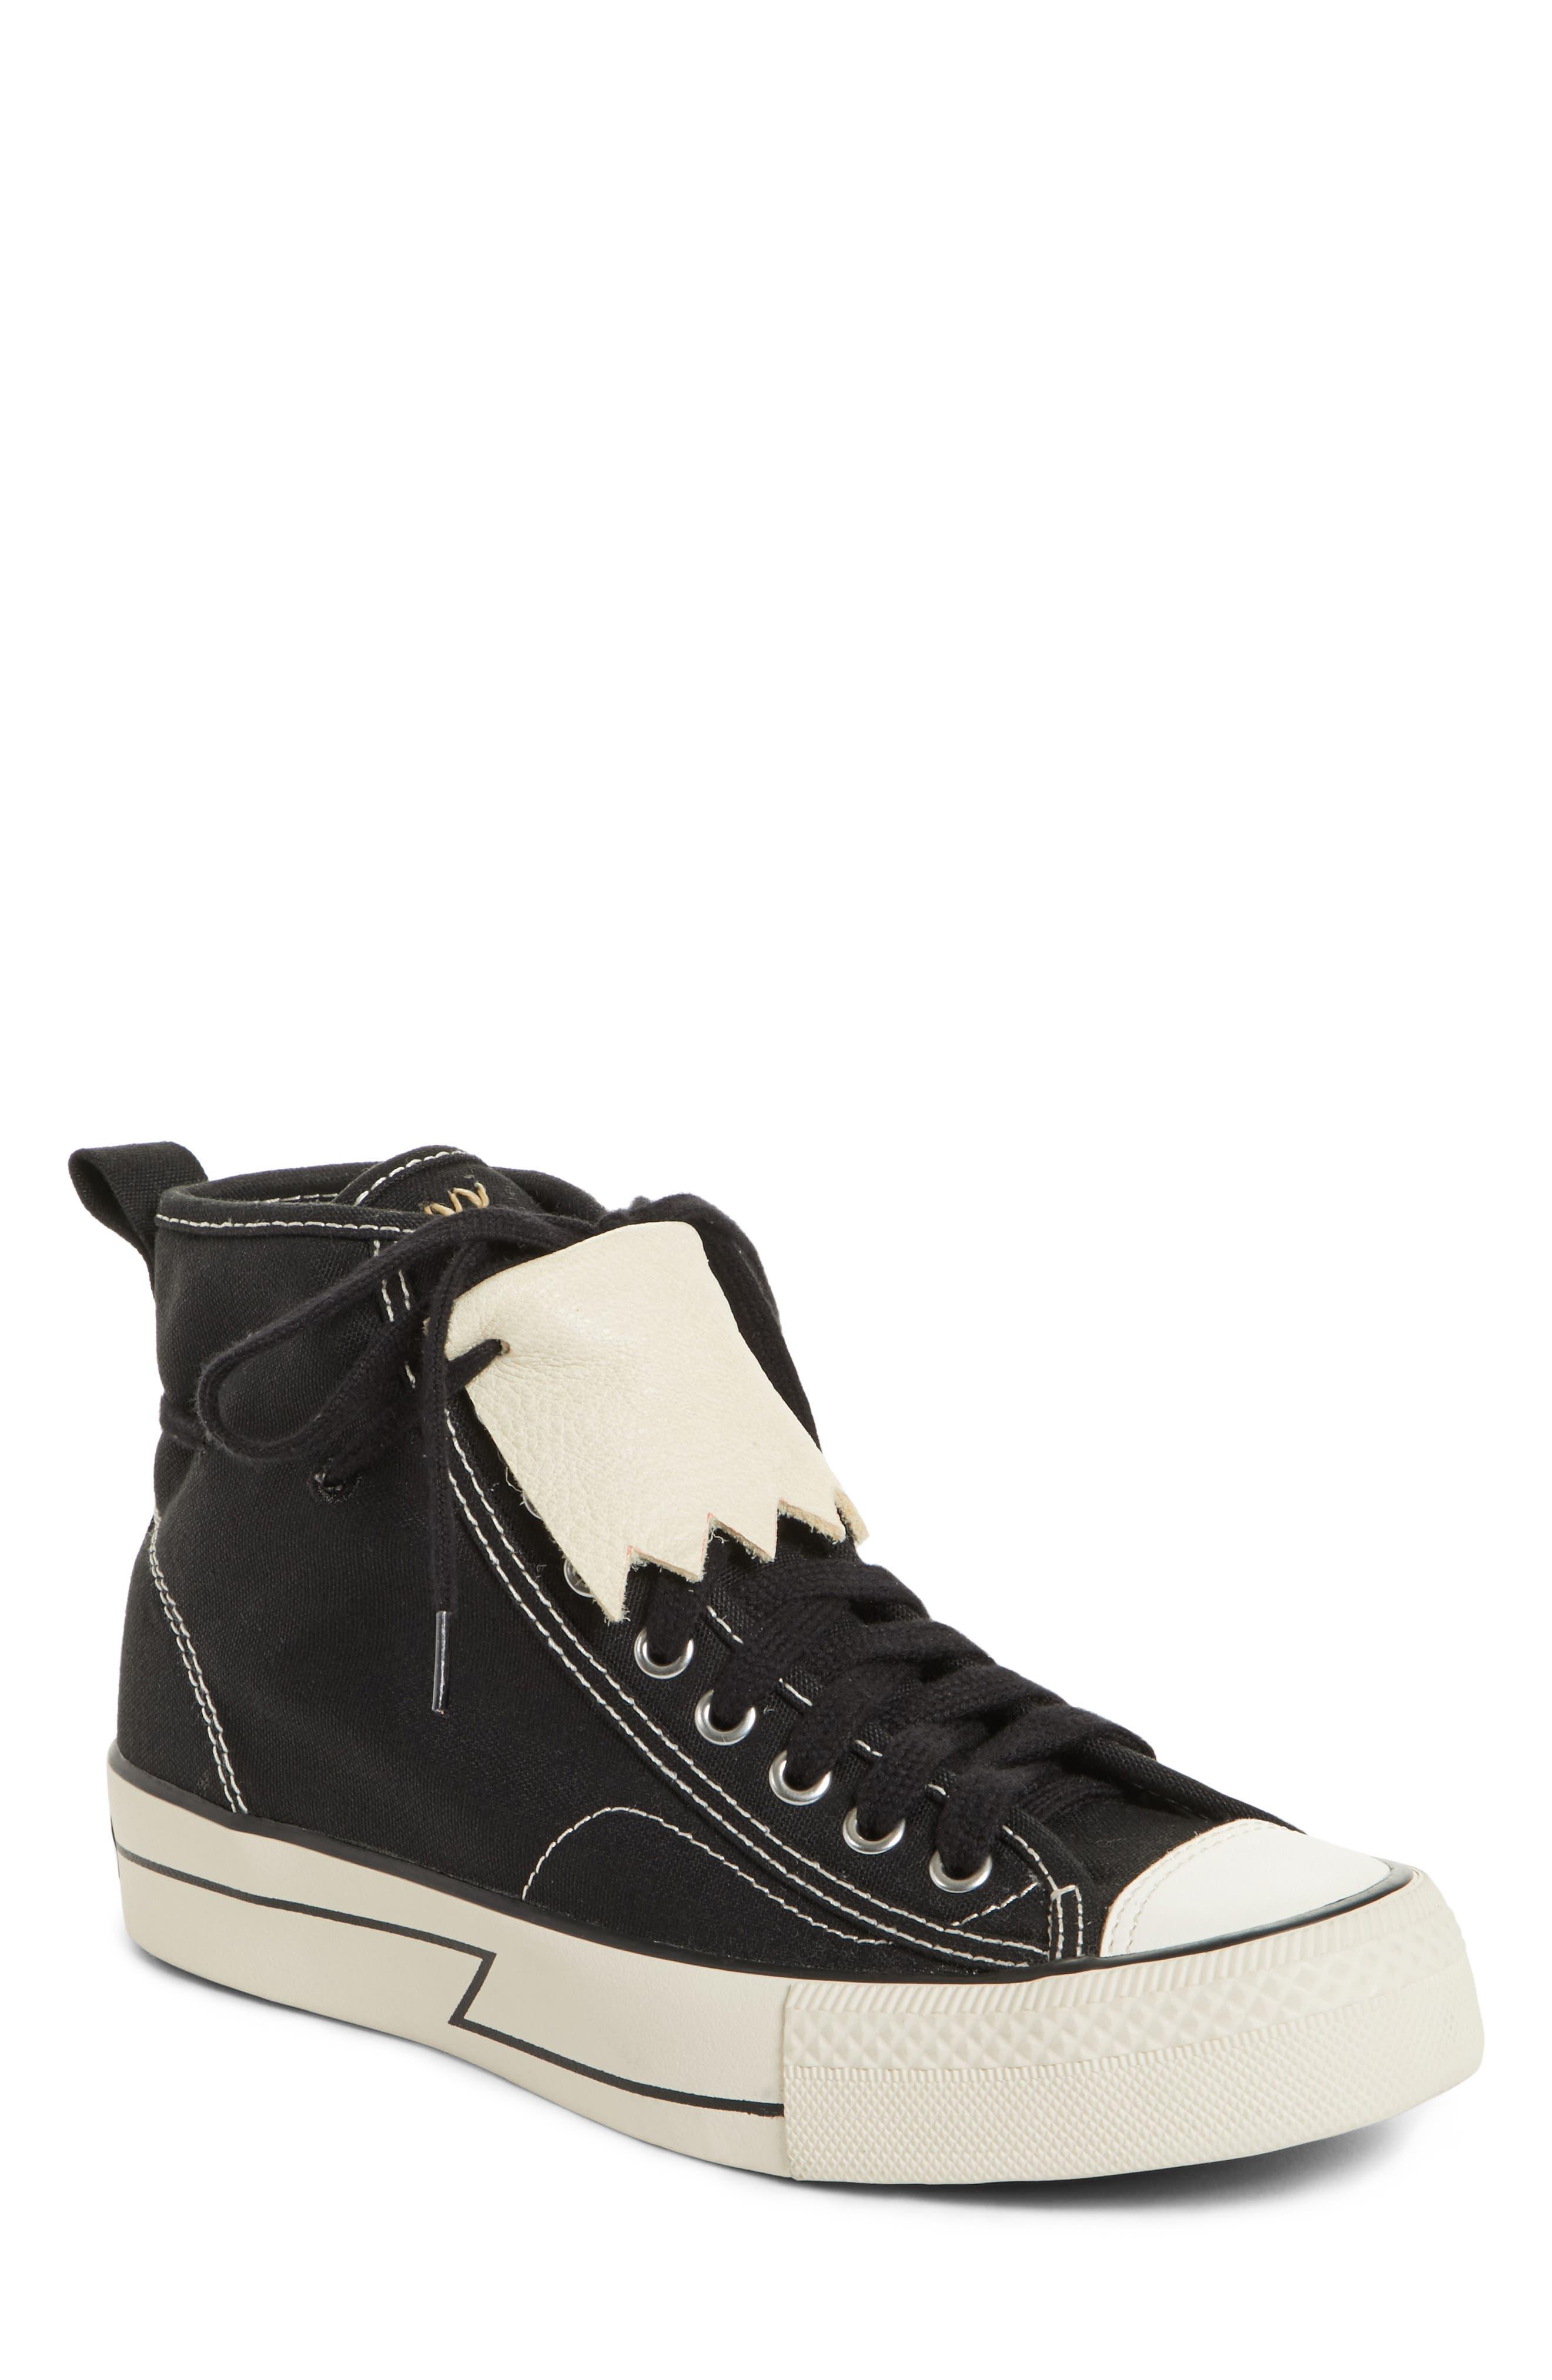 Skagway Hi Kikite Sneaker,                         Main,                         color, 001